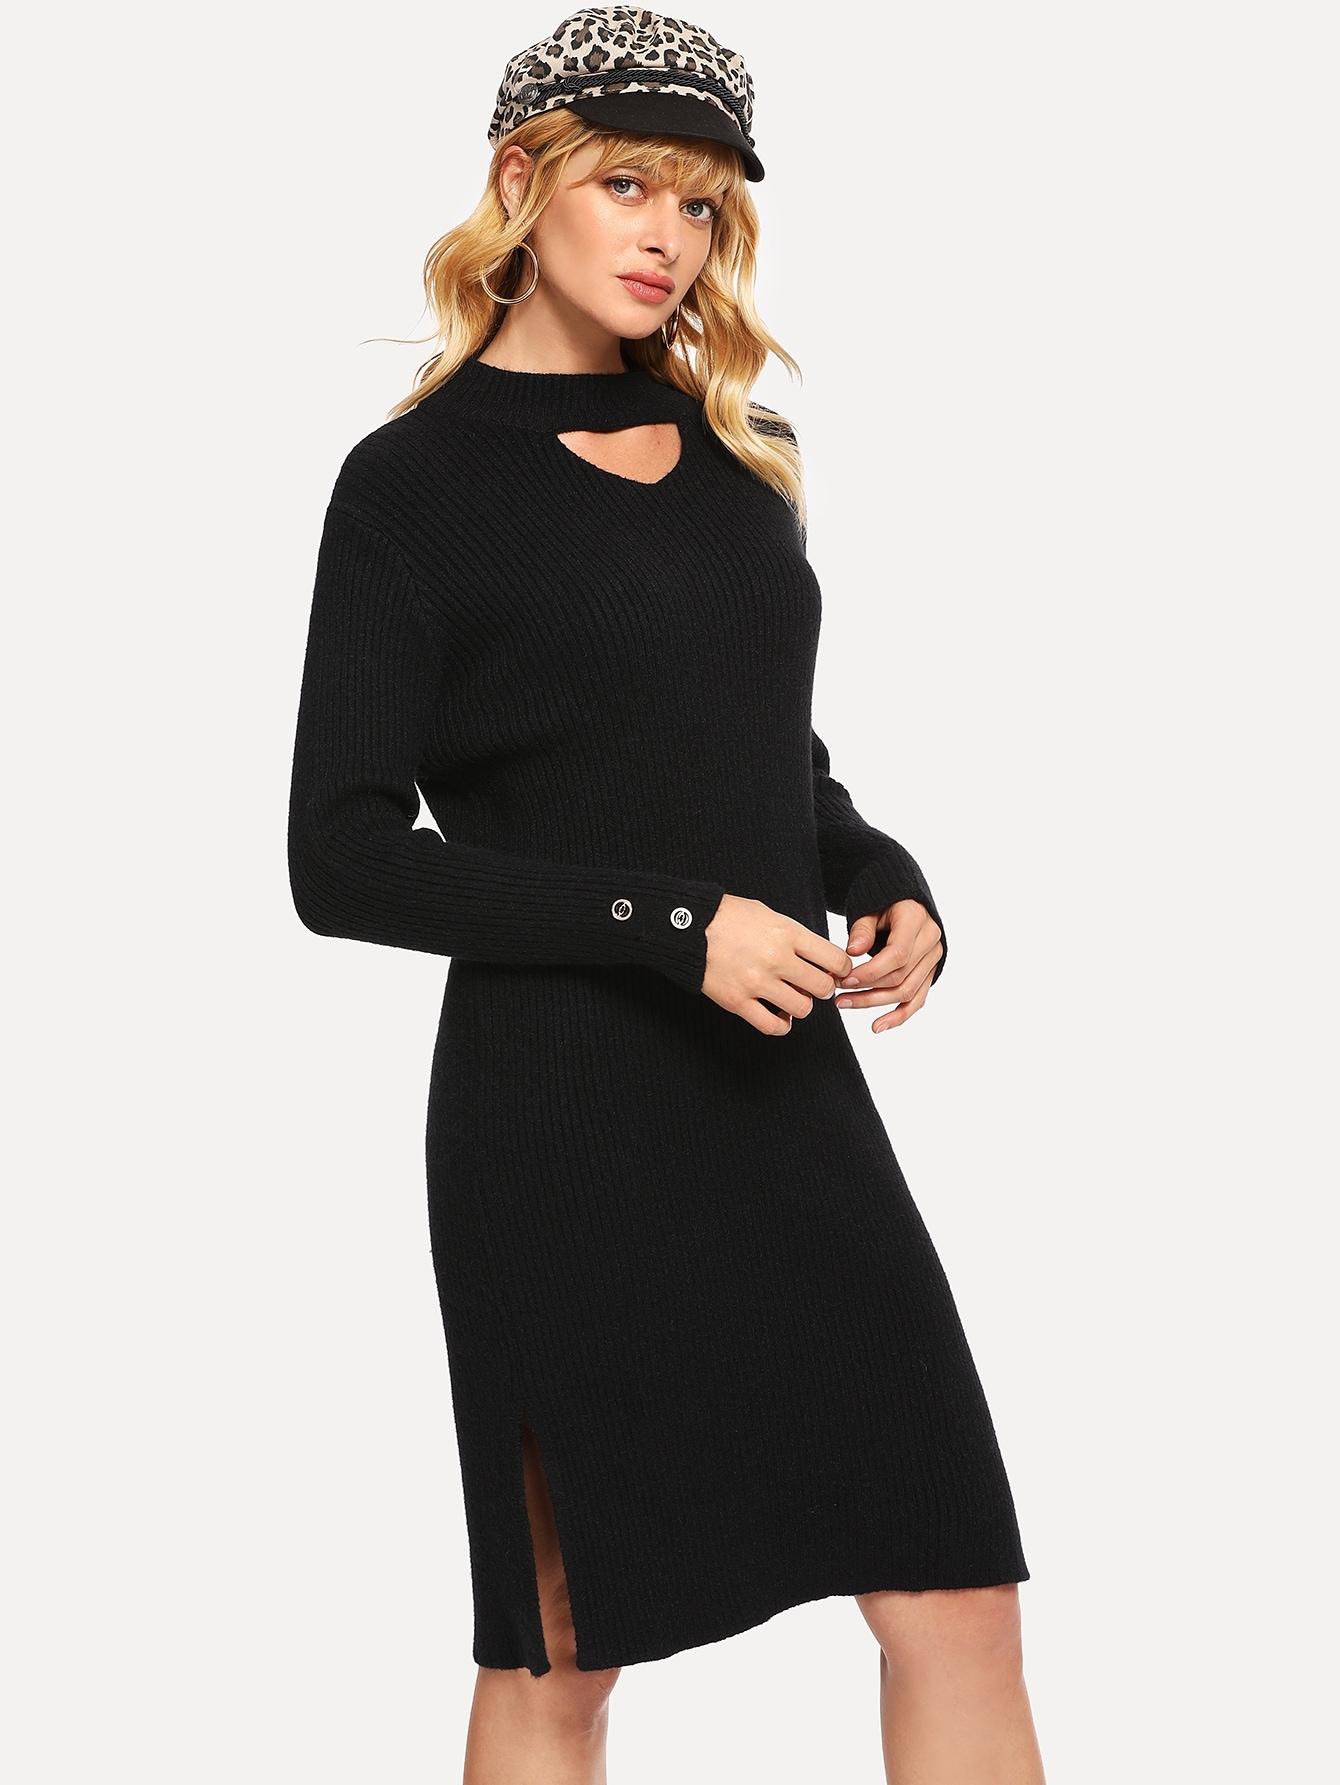 Купить Разрезное платье-свитер с колье на шее, Masha, SheIn